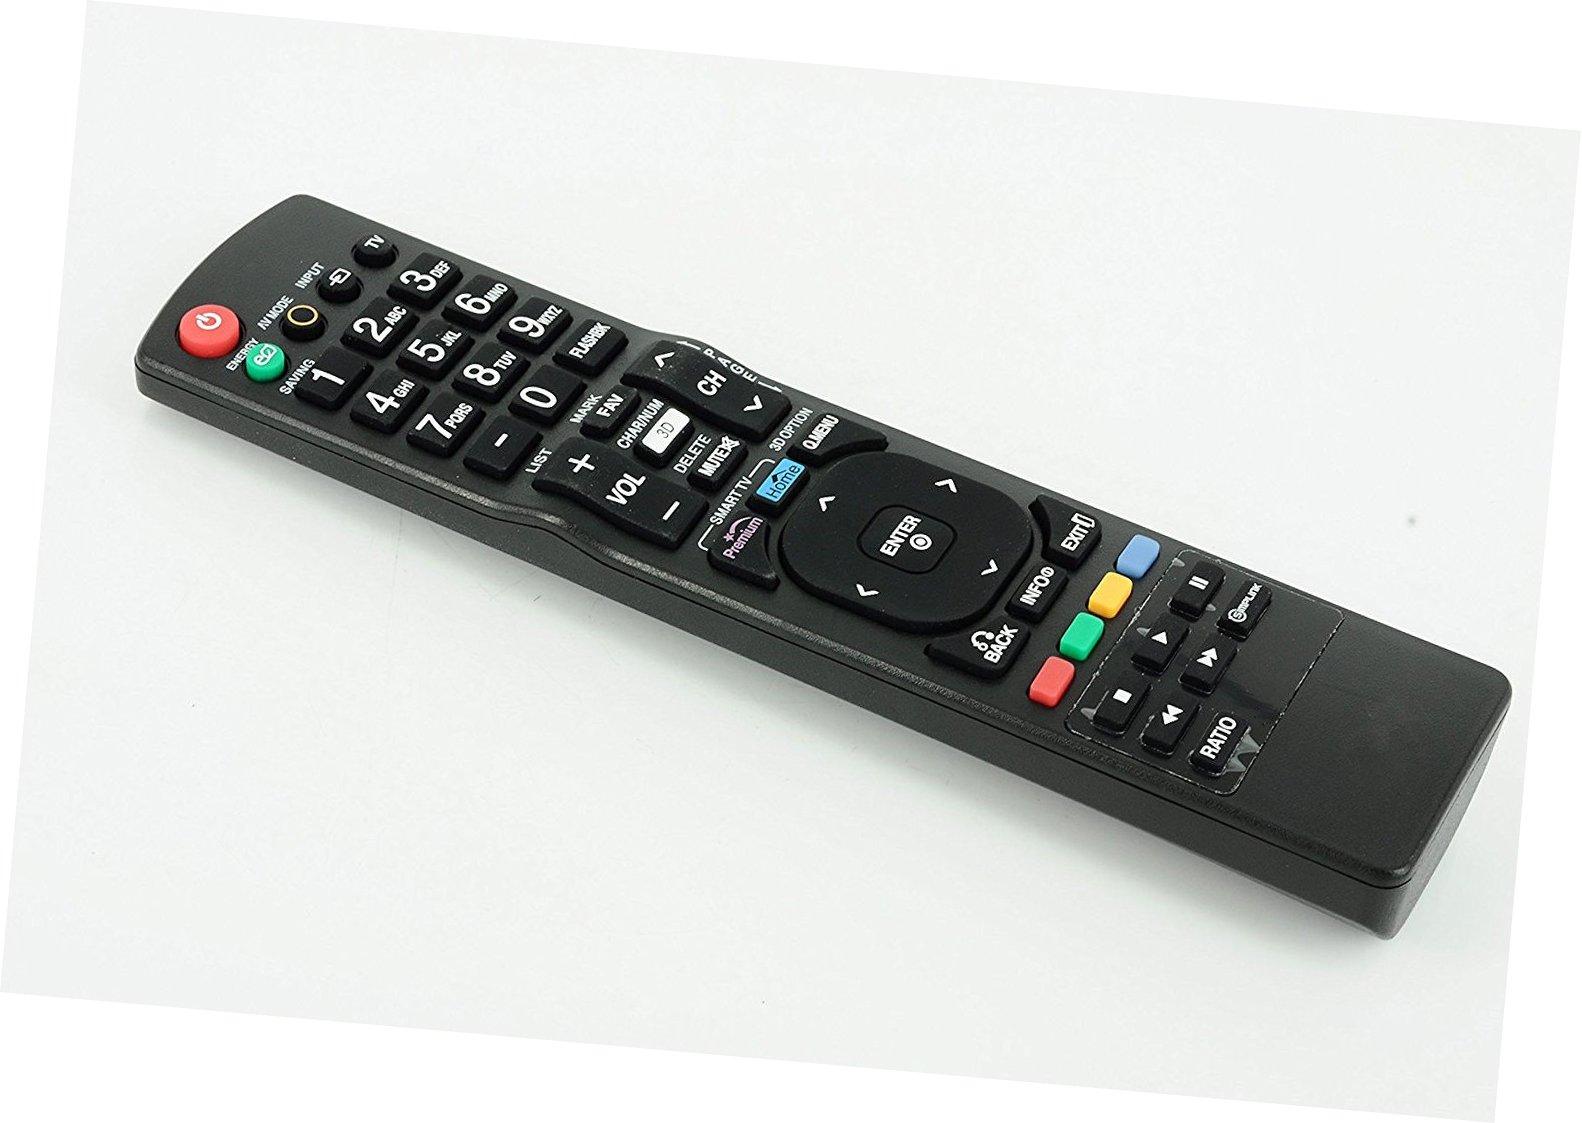 Nuevo mando a distancia de repuesto para 42lk550-ua 47LW6500 32lw5700 55lv9500 55lk530-uc 72lz9700 LG LCD LED TV de Plasma: Amazon.es: Electrónica